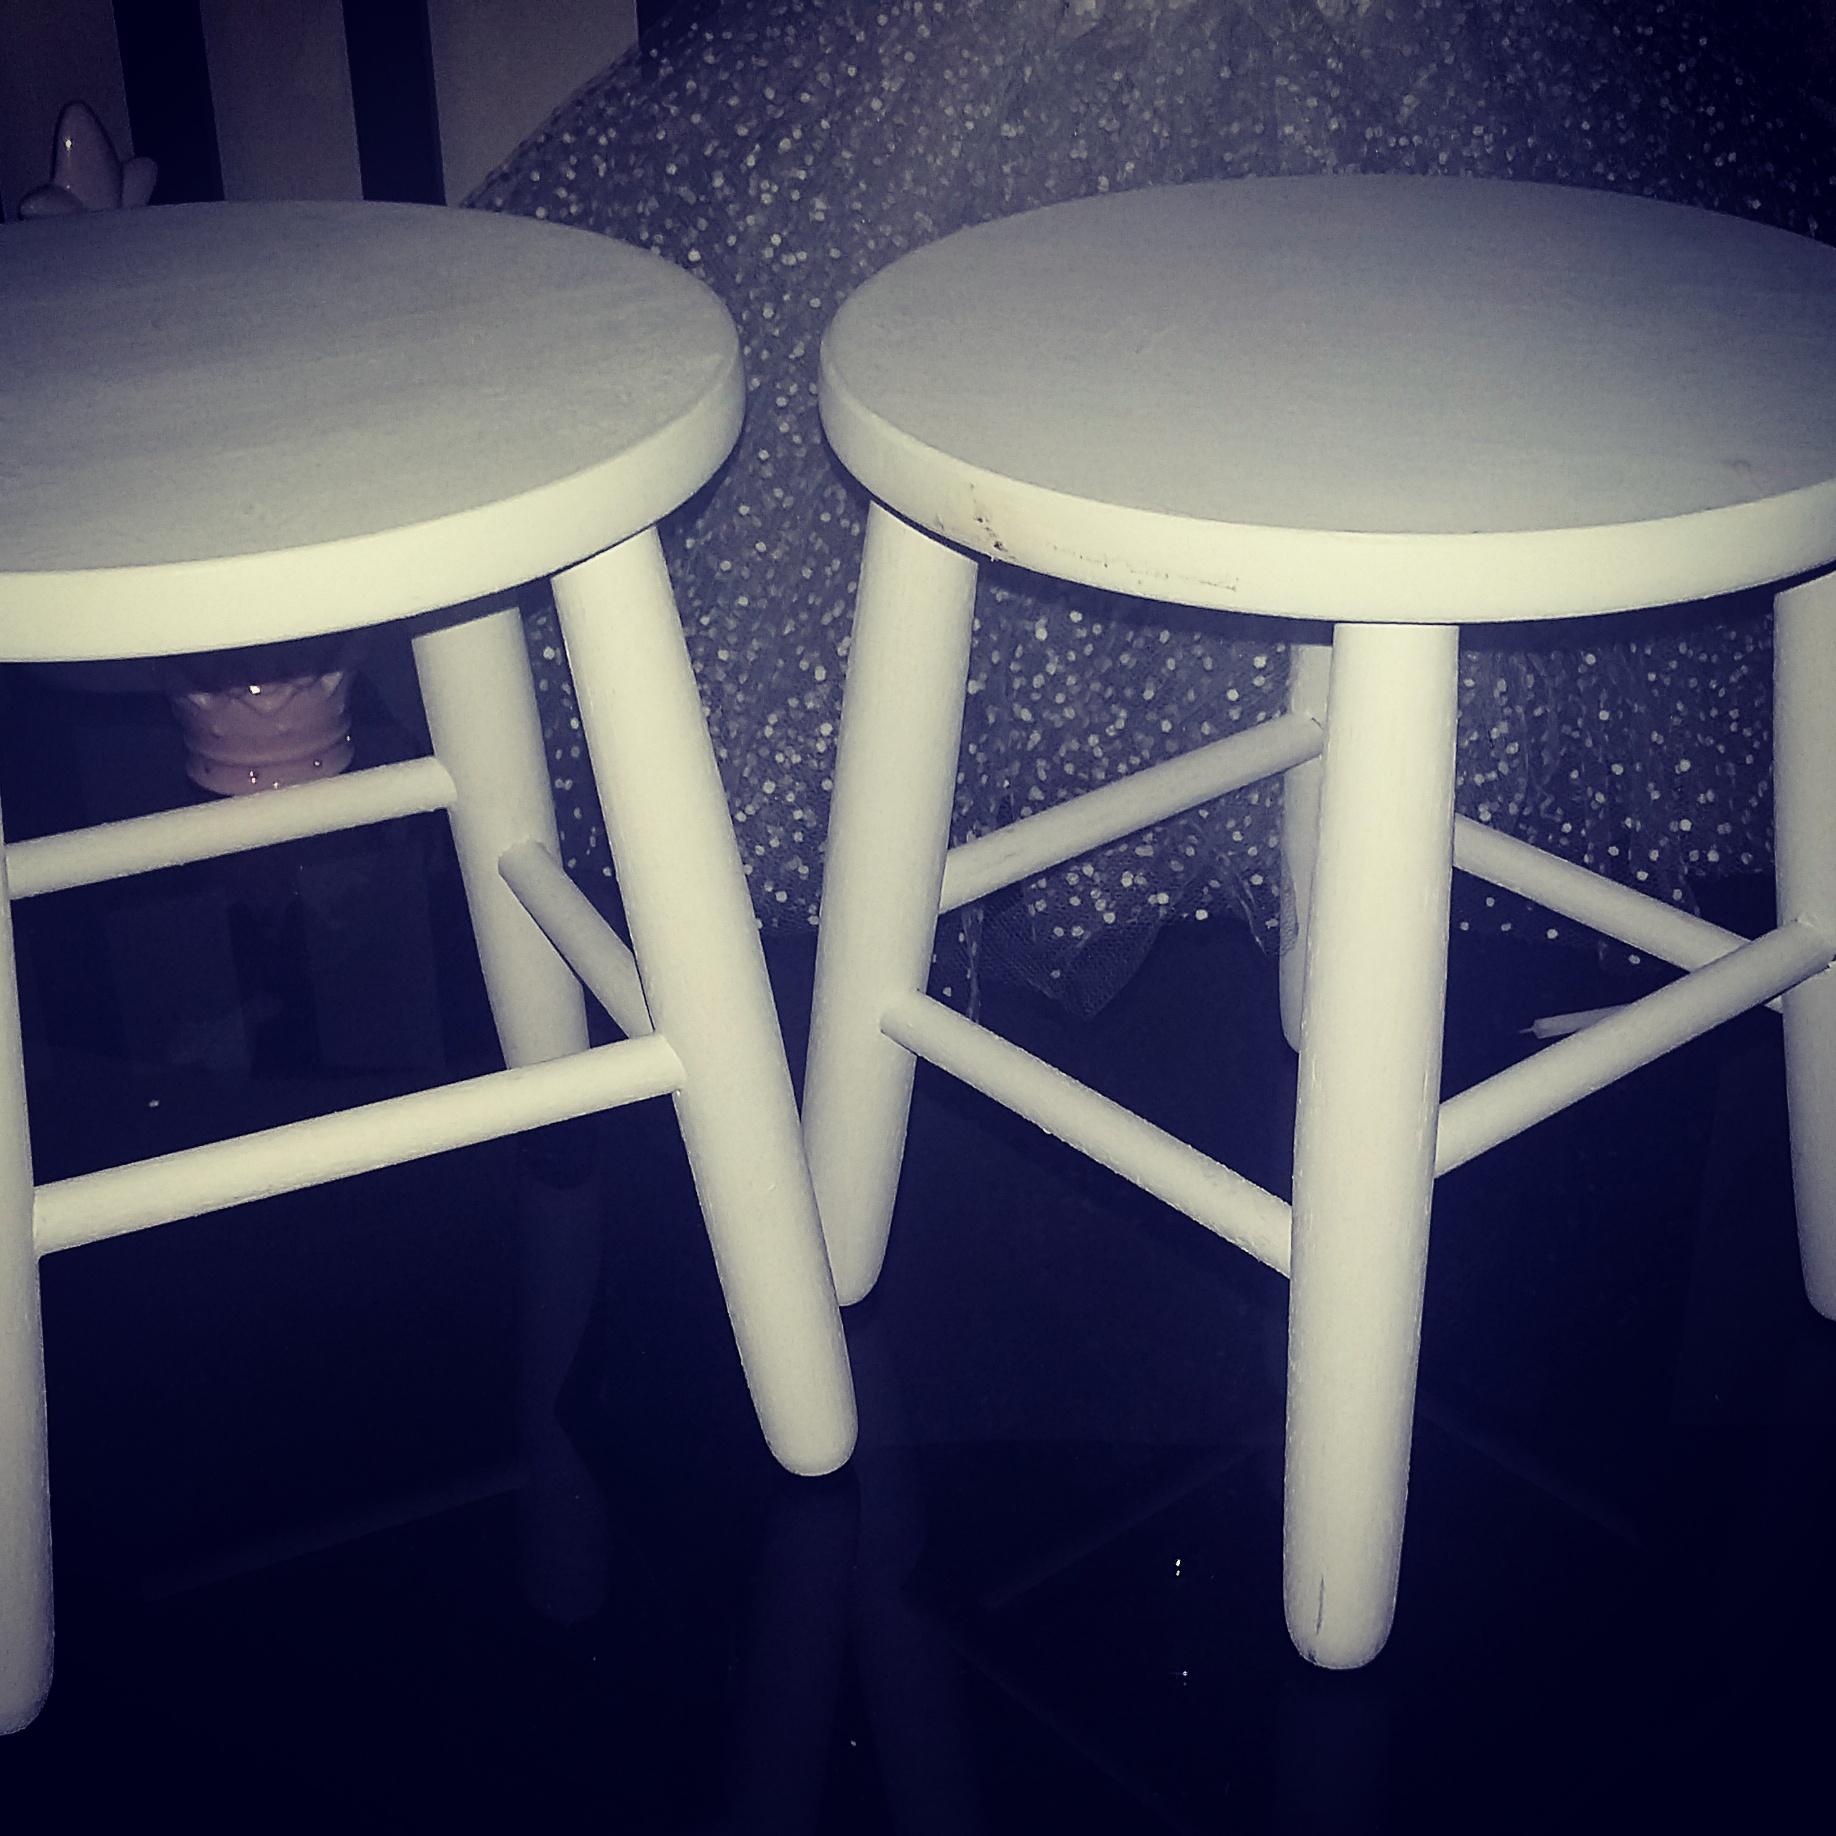 banquinhos brancos de madeira para mesa banquinhos para decoracao #0C0C2F 1836x1836